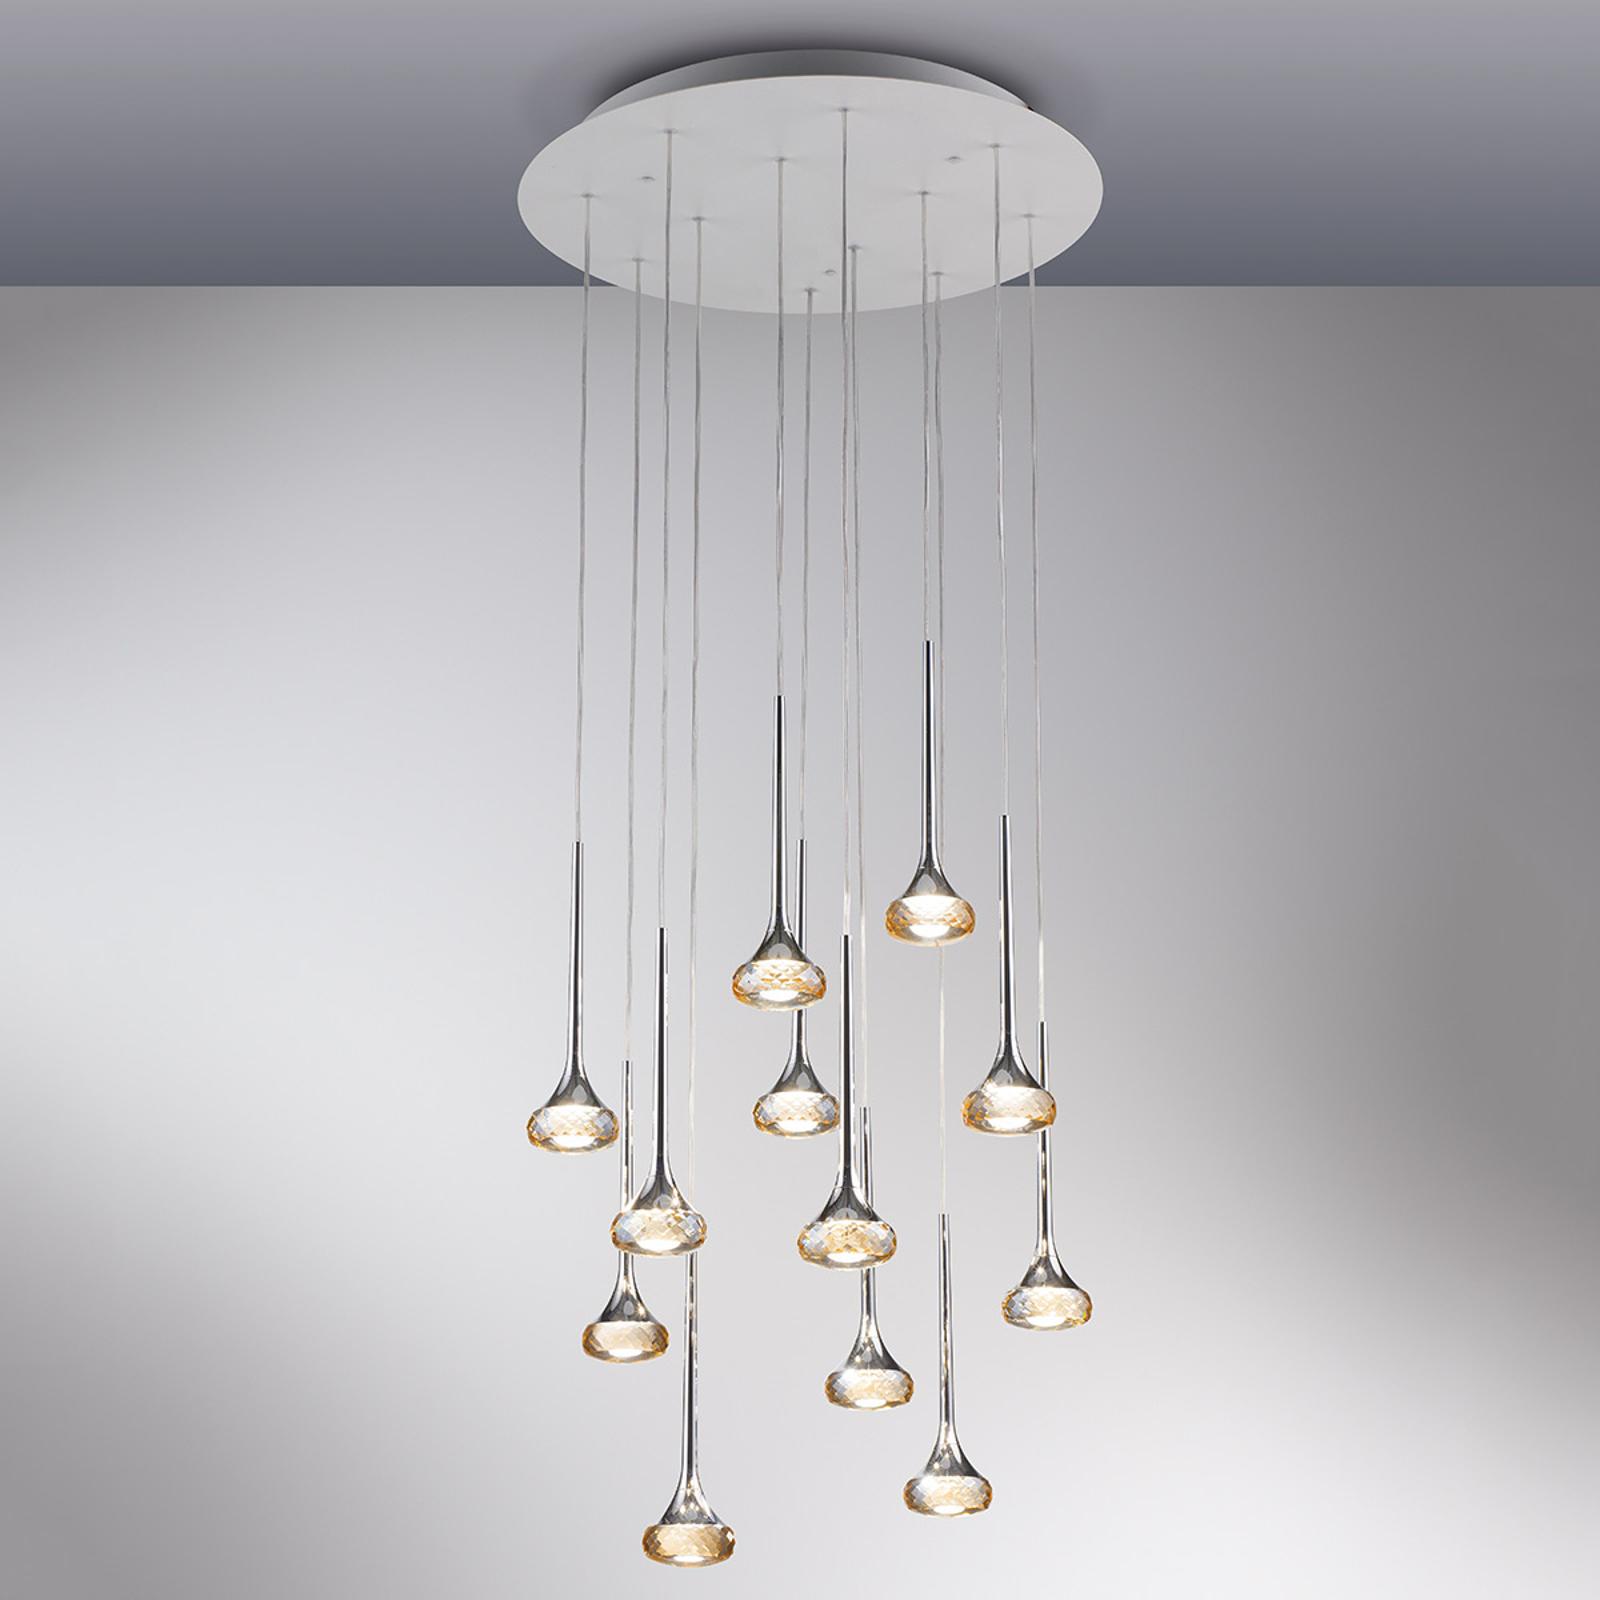 Lámpara susp. doce luces Fairy, ámbar